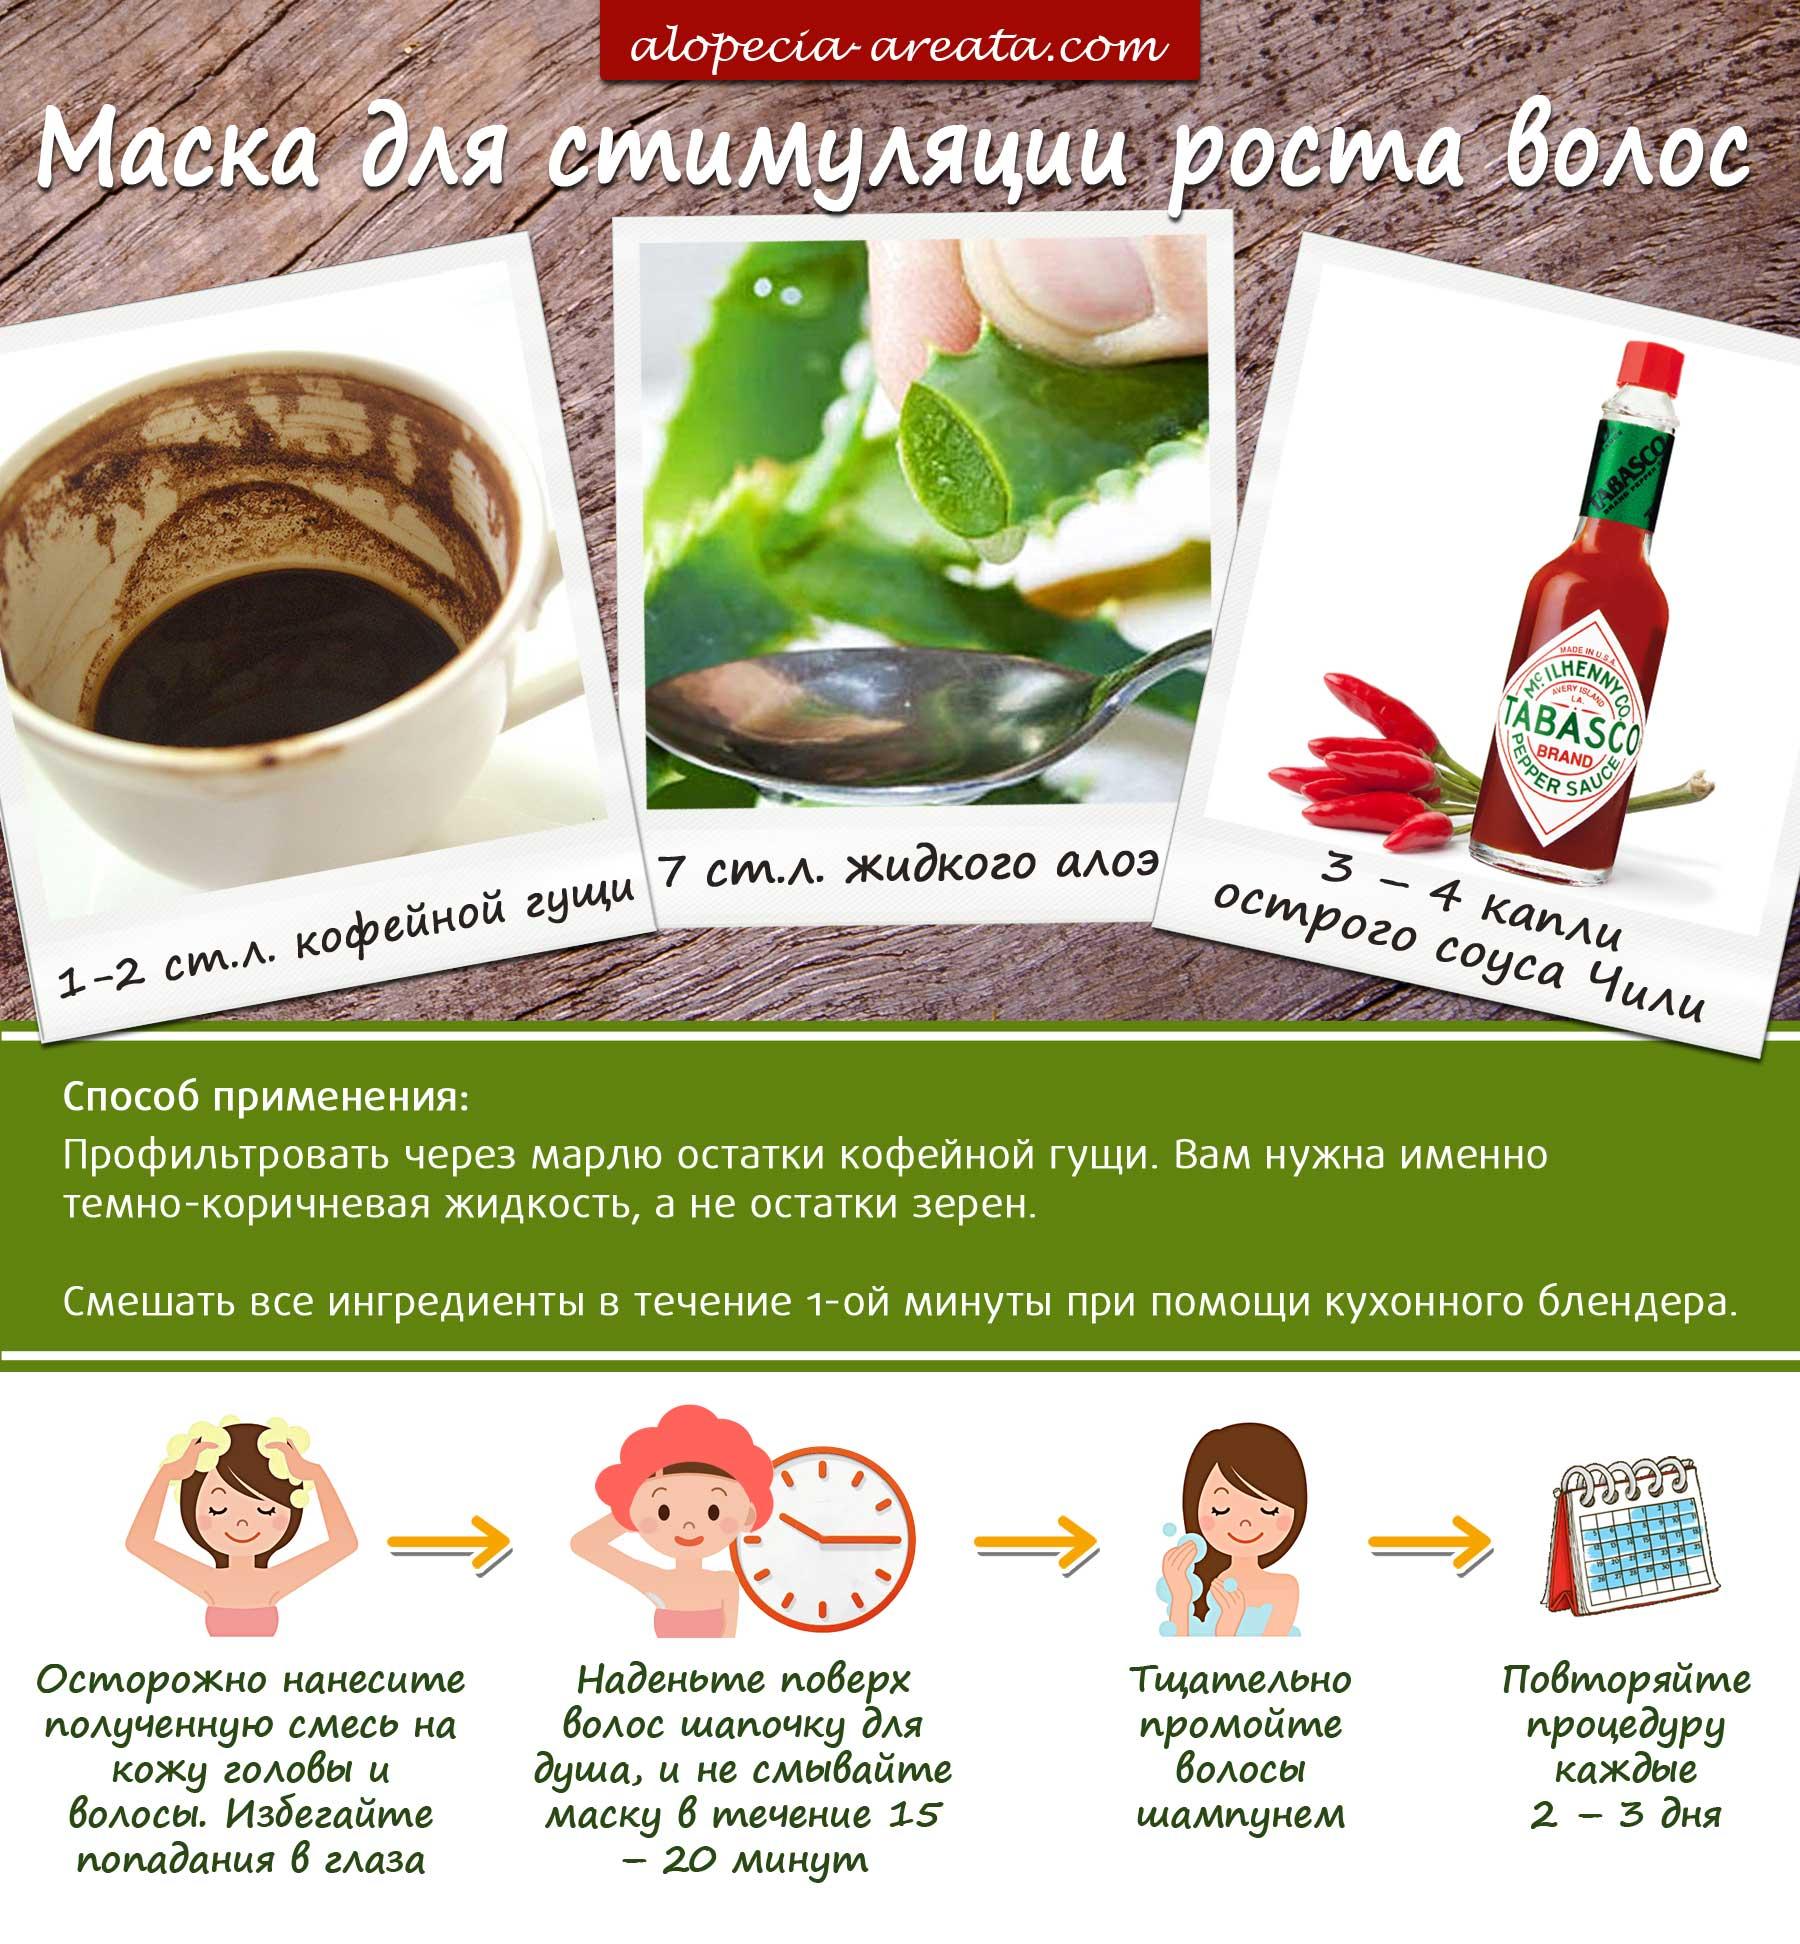 3 самые эффективные маски против выпадения волос